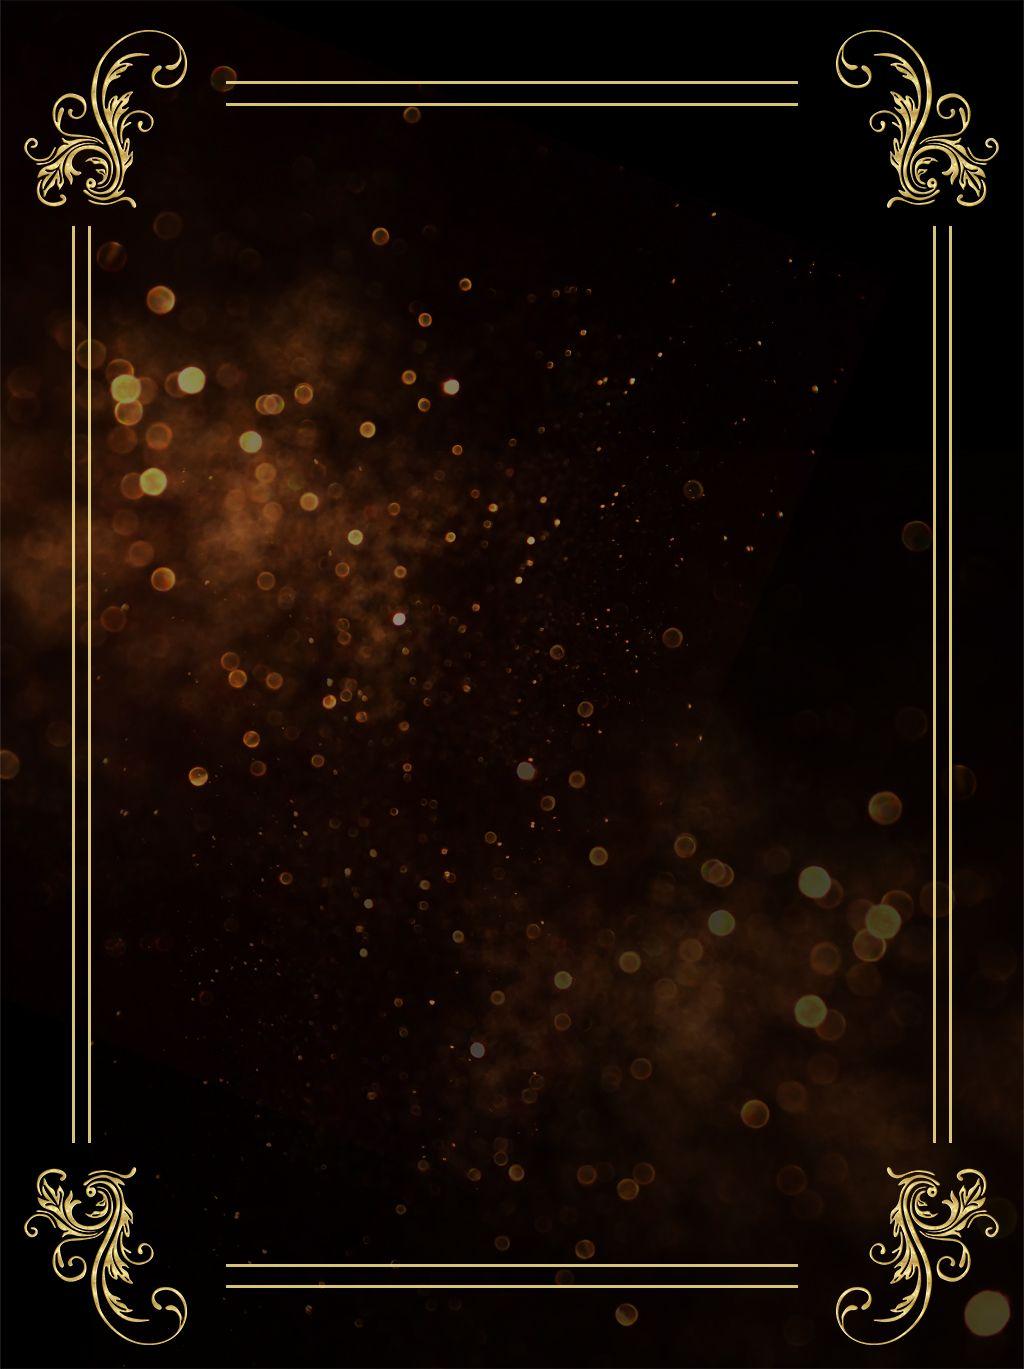 ضوء تأثير خلفية الإعلان الذهب الأسود Textured Background Background Light Effect